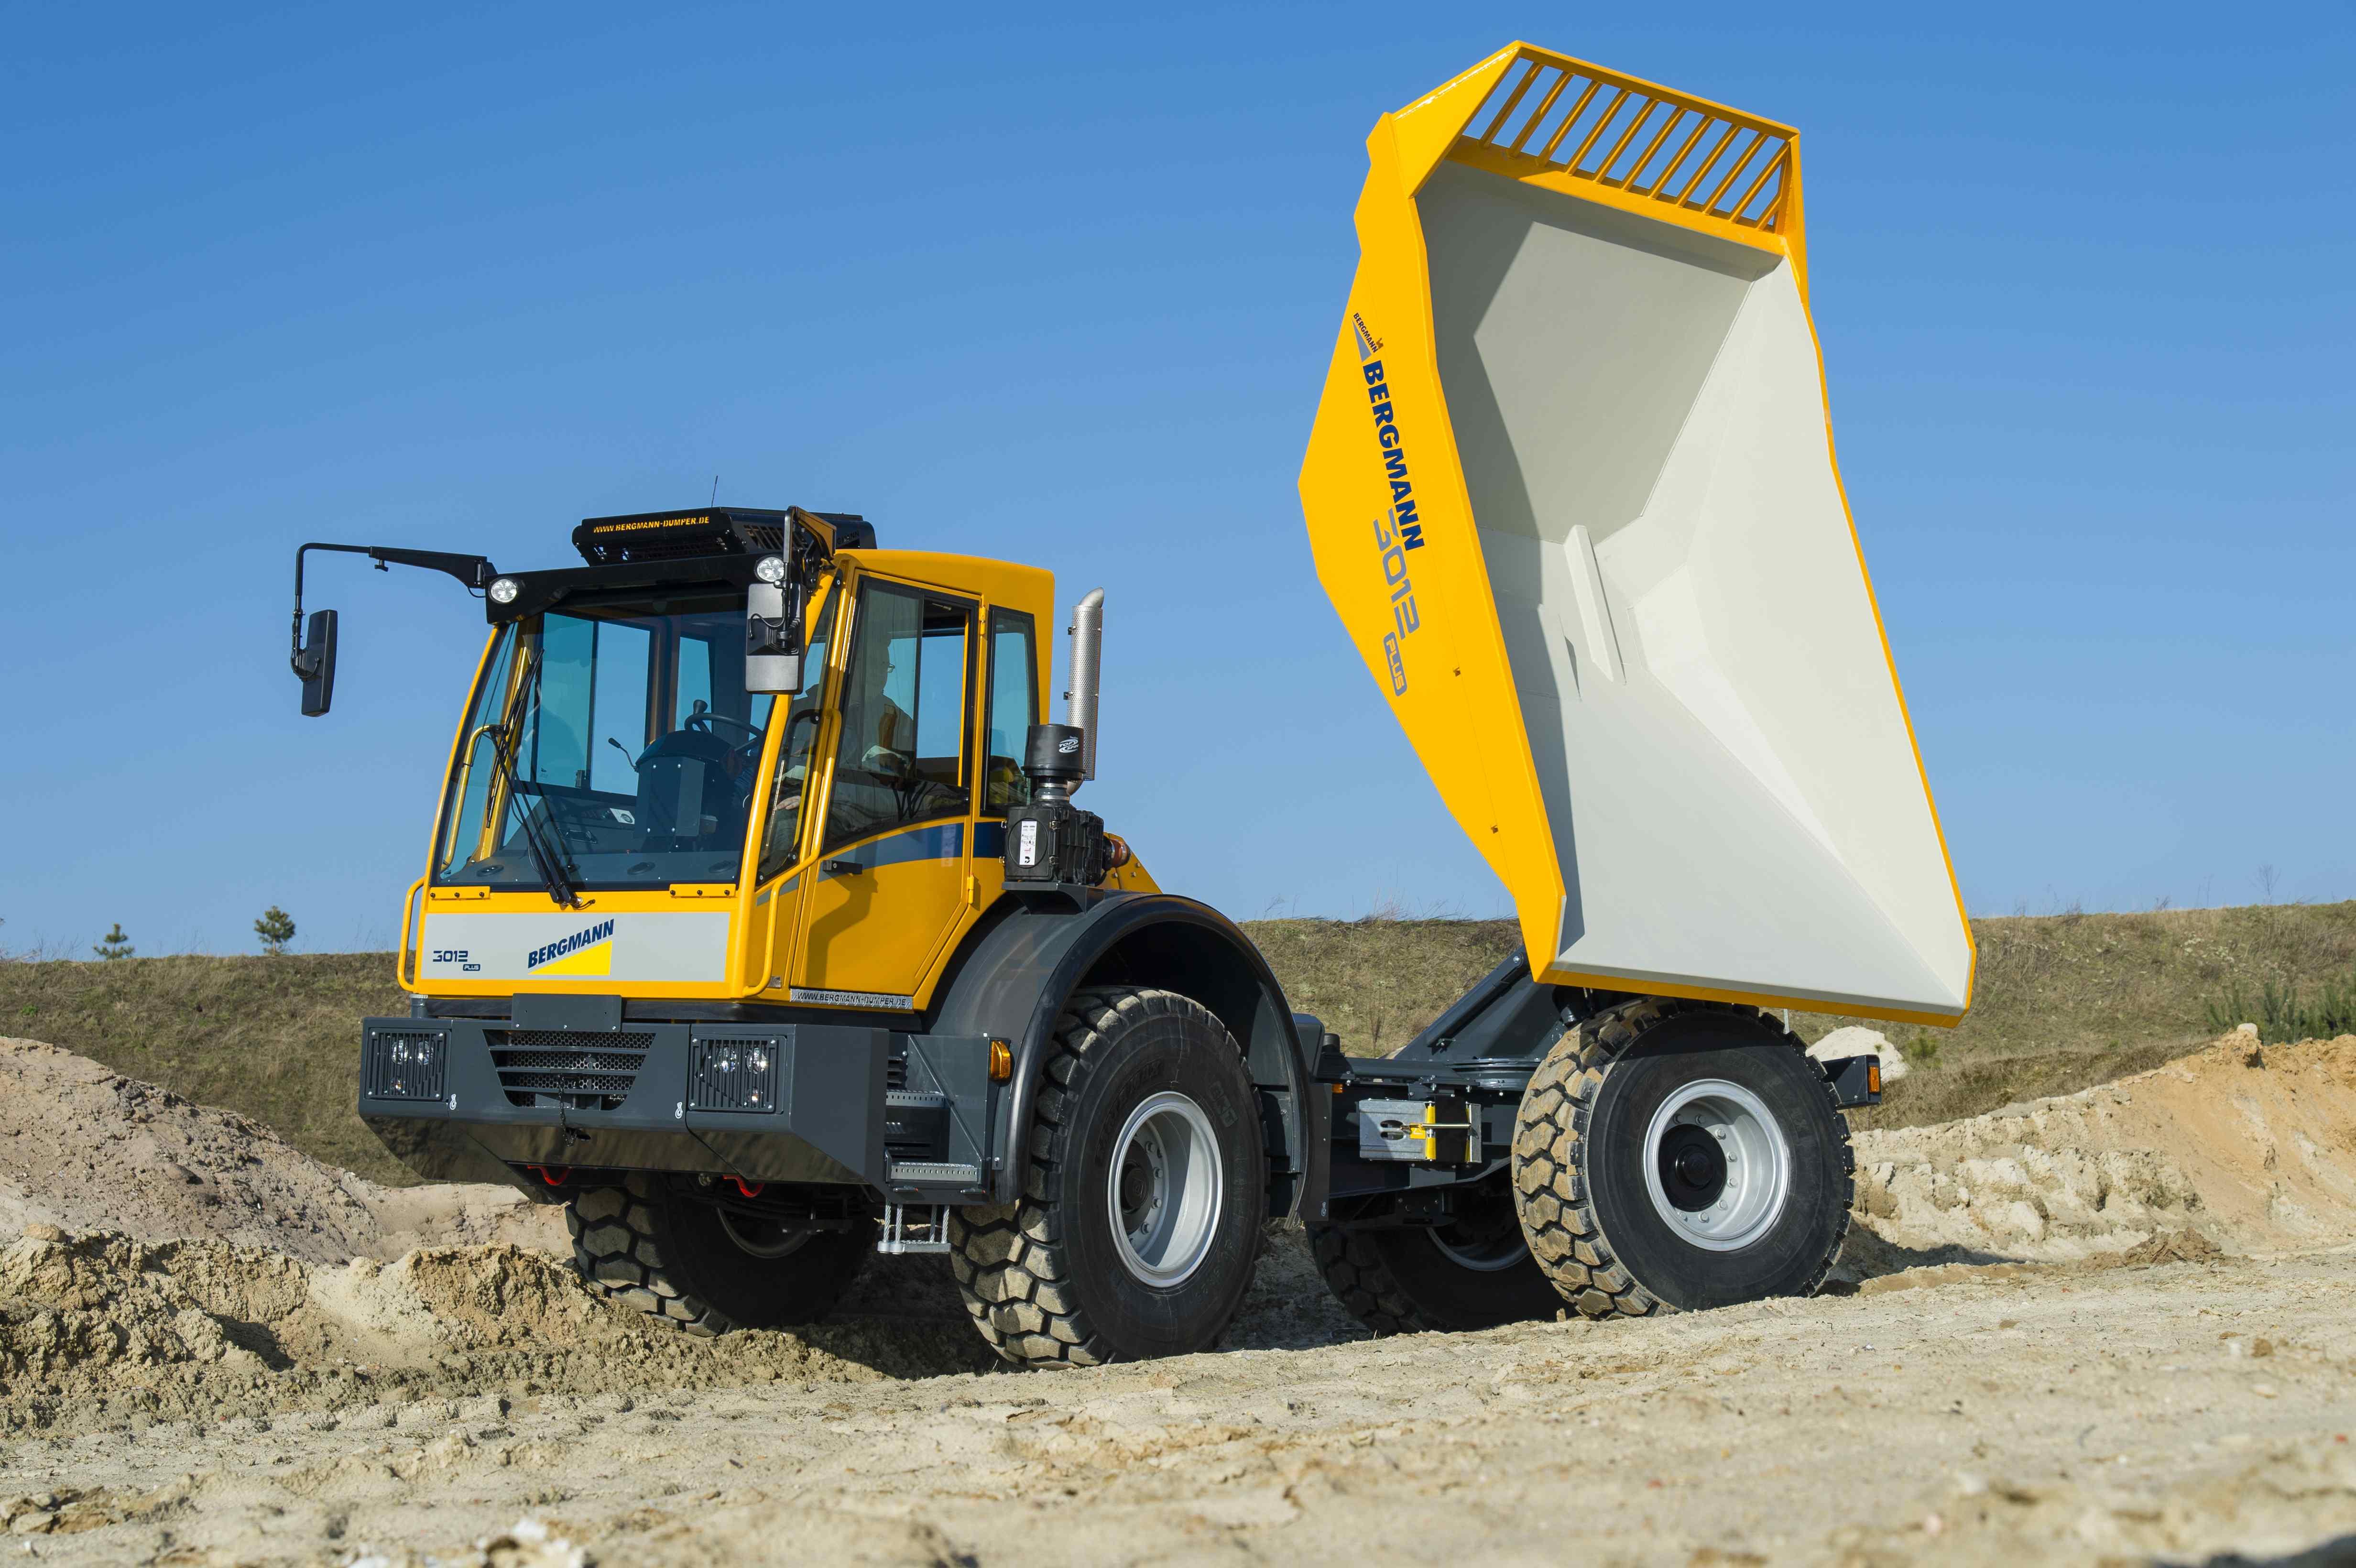 Bergmann 3012 R Swivel-Tip Tracked Dumper